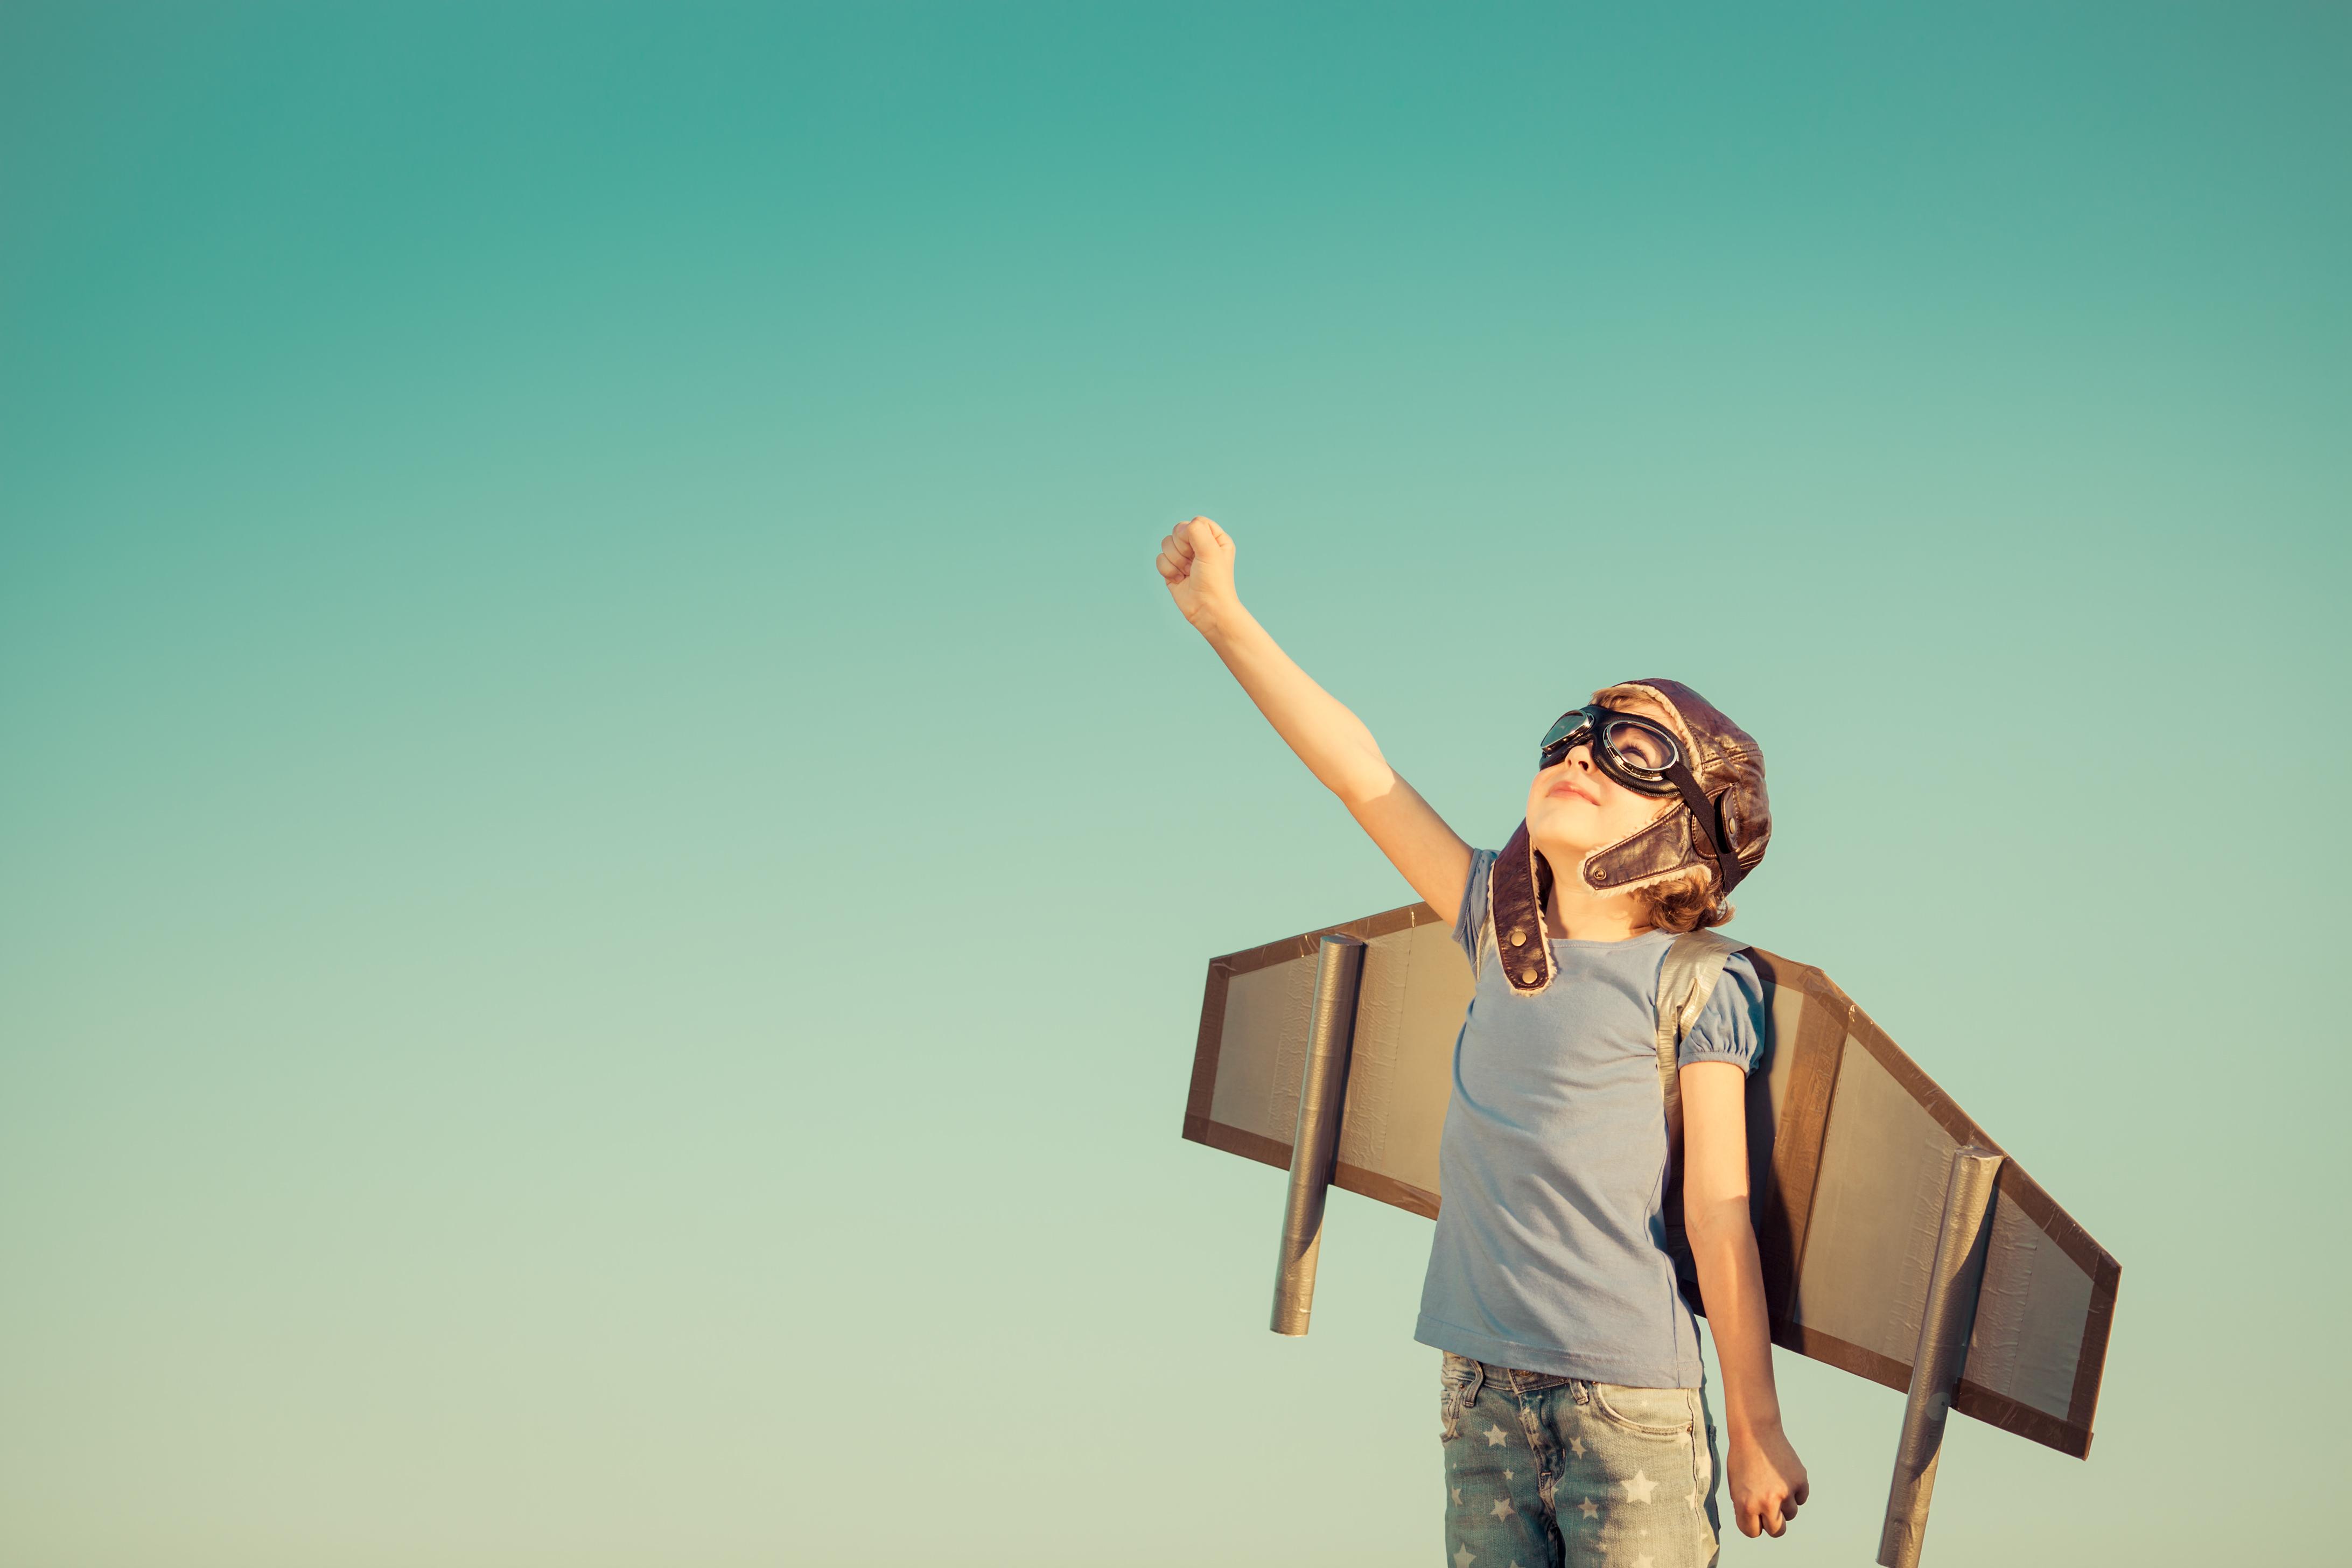 Illustrasjonsbilde av gutt som har vinger på rygge og strekker seg mot himmelen